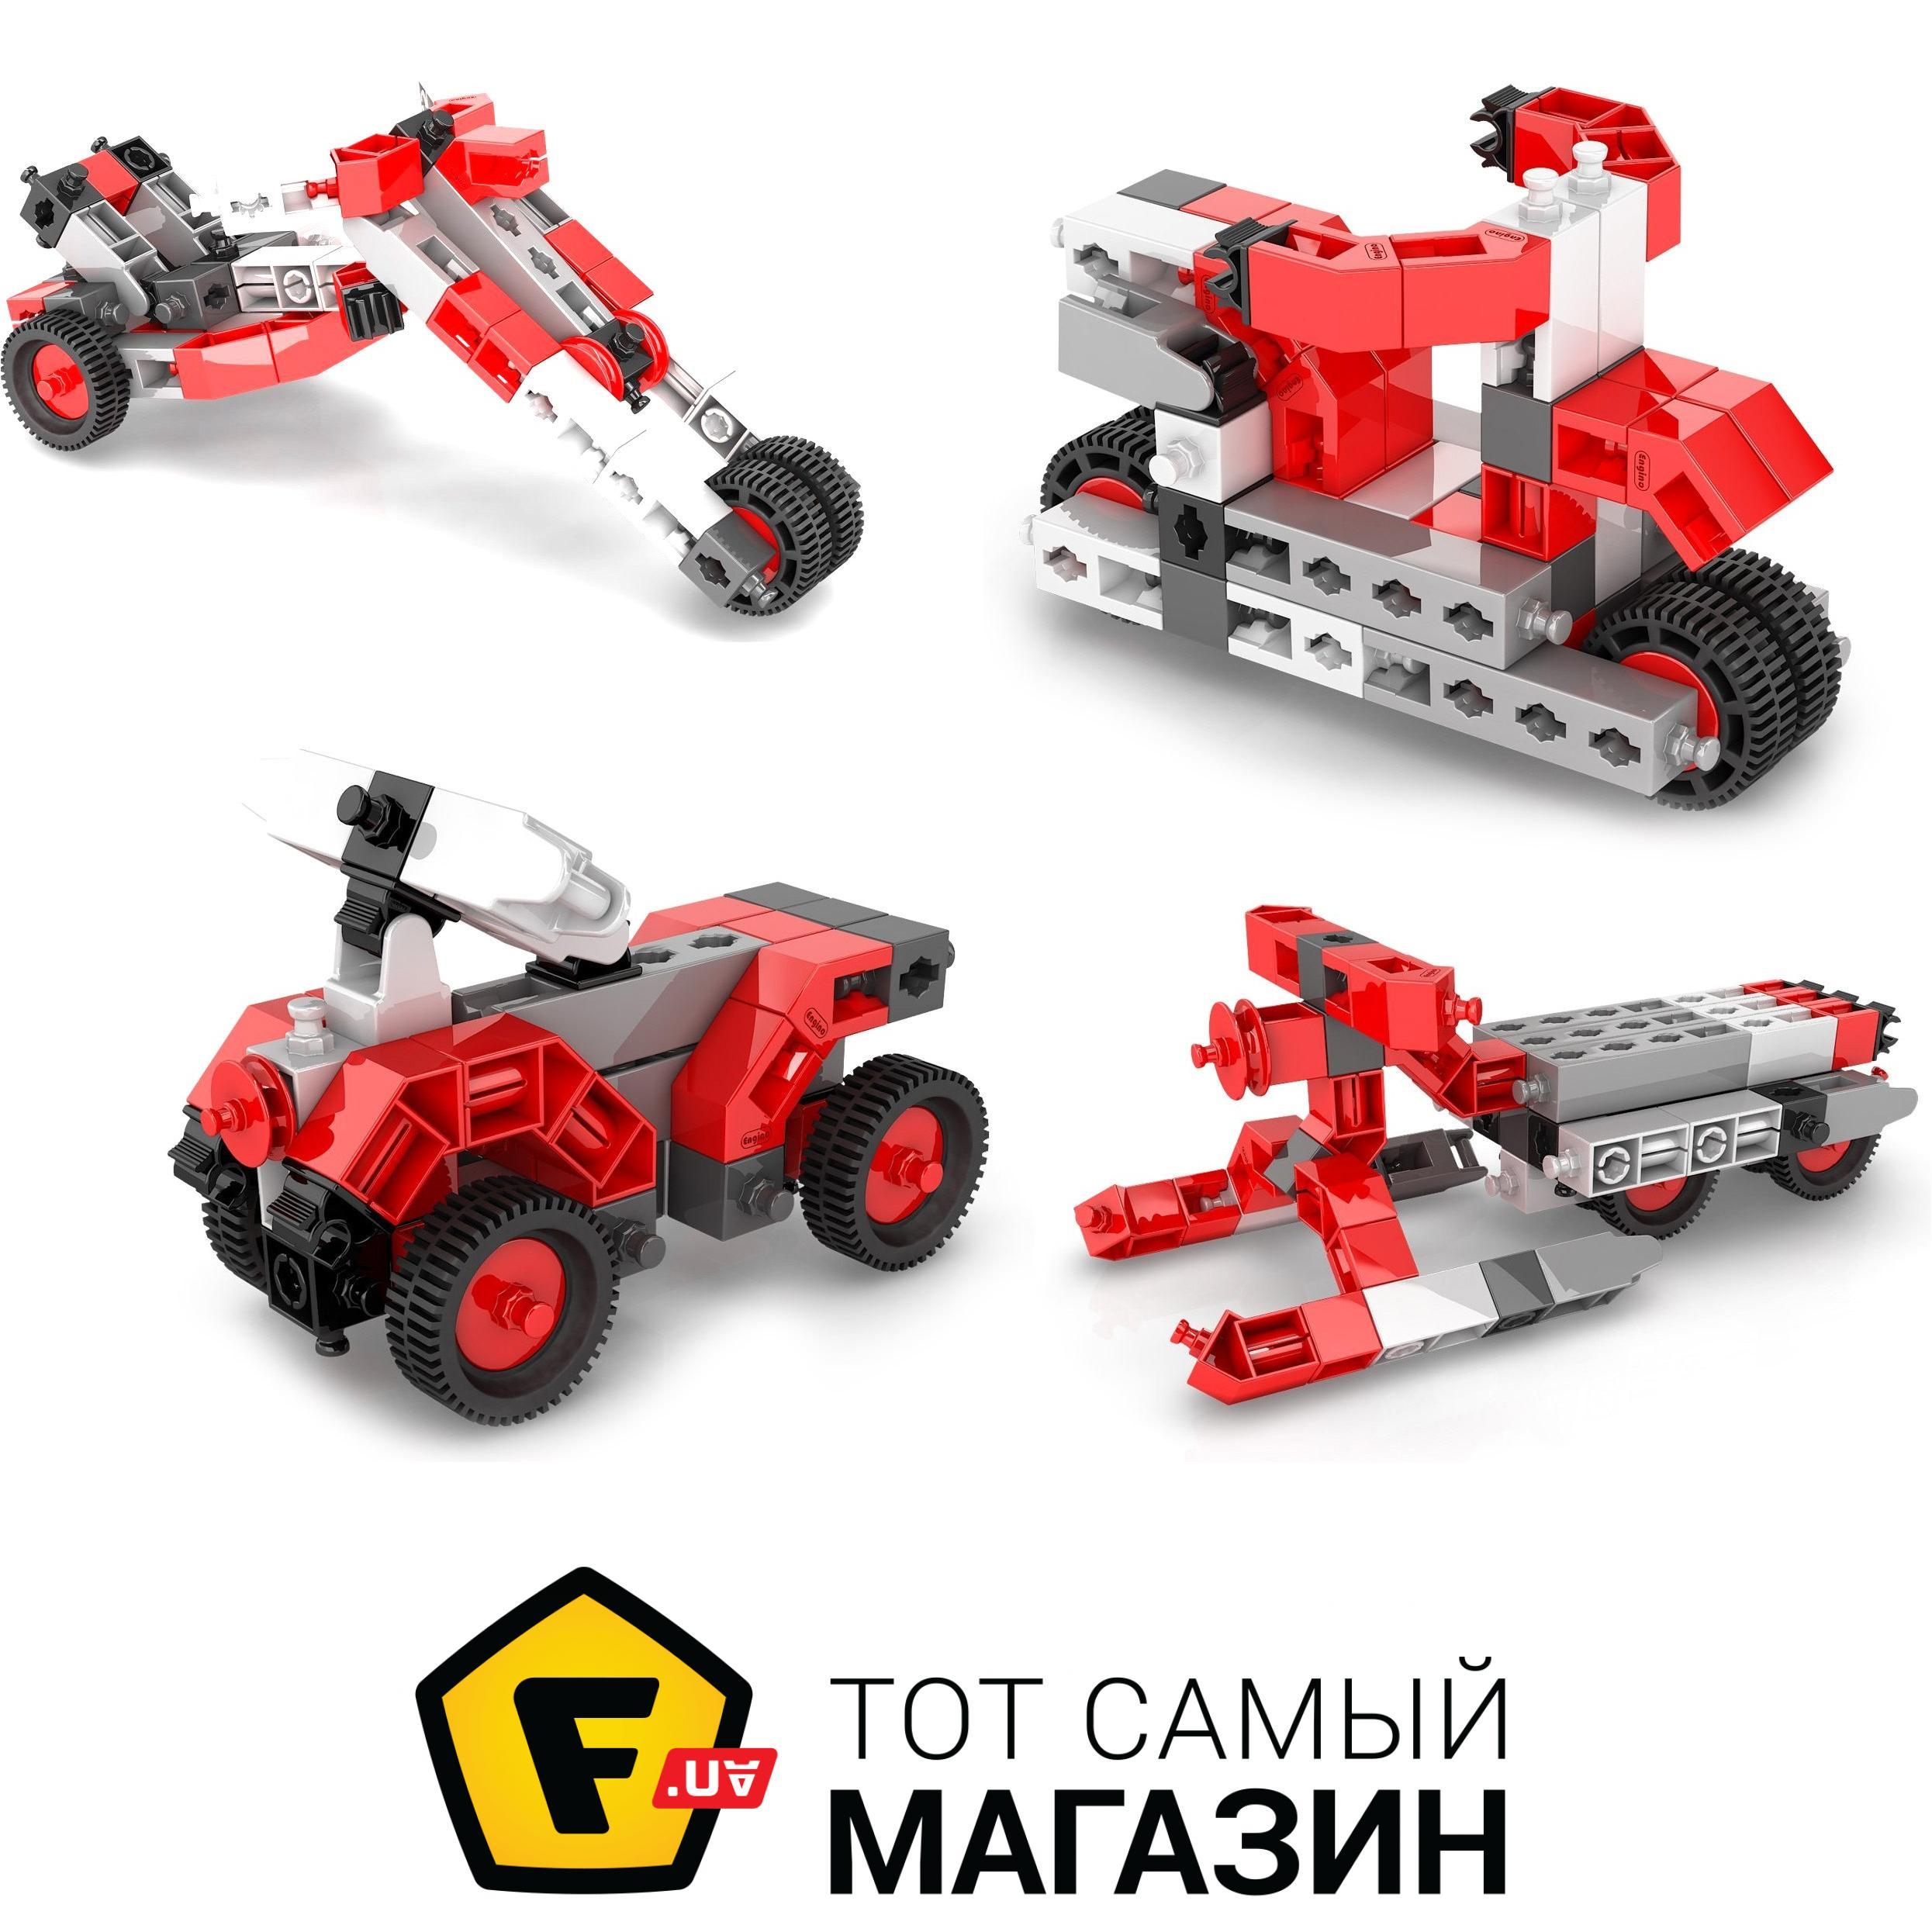 Блочный конструктор для мальчиков от 6 лет - Engino ...